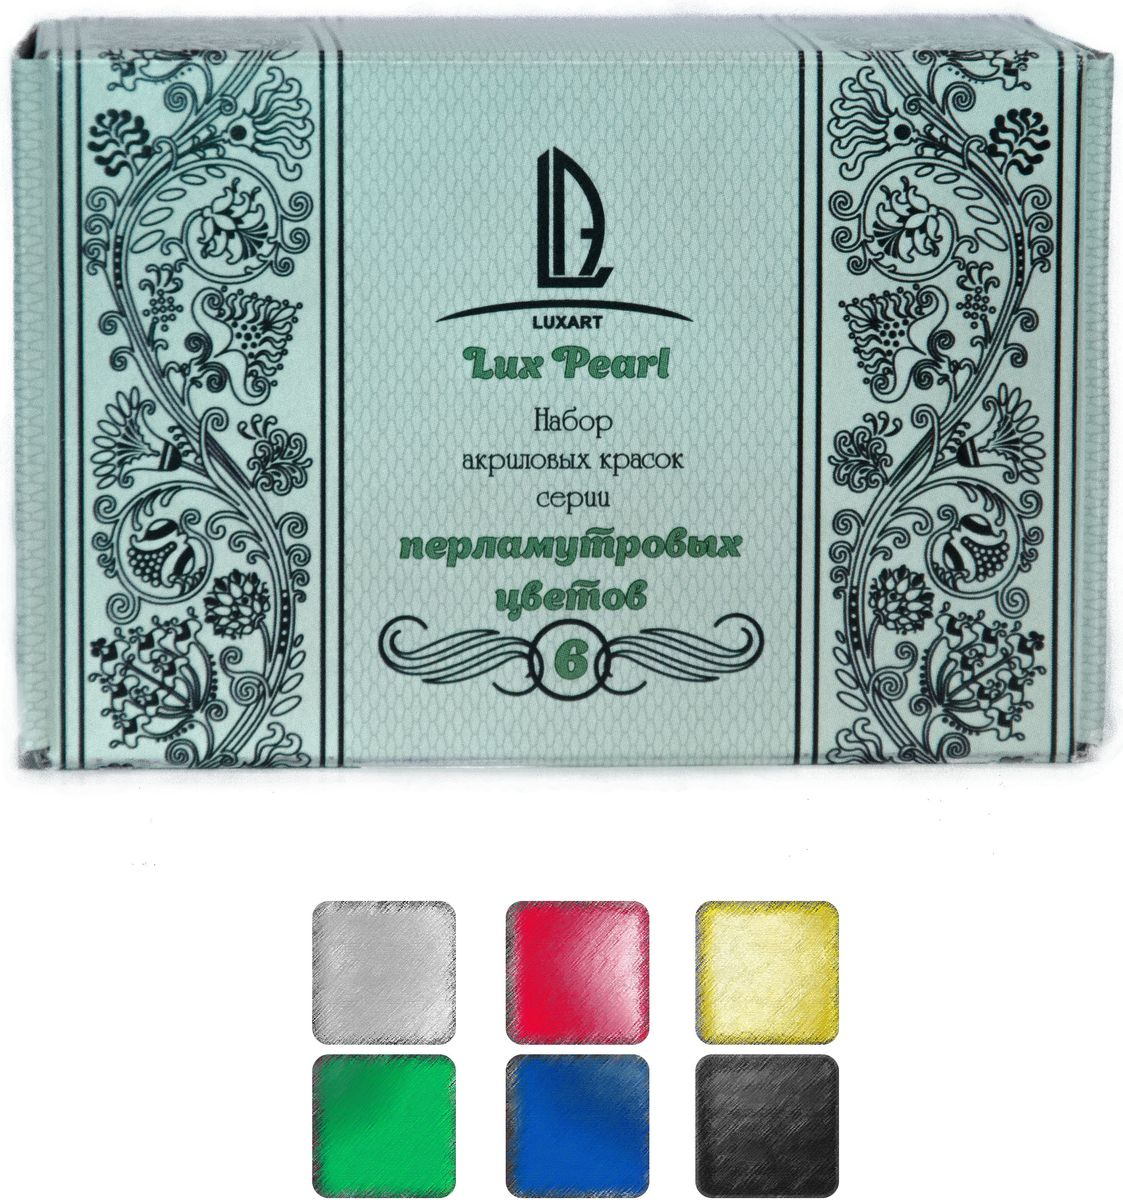 Luxart Набор акриловых красок LuxSet Pearl 6 цветов 20 млSR6V20Акриловые краски LuxSet Pearl изготовлены на водной основе, что гарантирует надежное качество. Краски имеют перламутровый блеск. Краски позволяют работать на различных поверхностях (холст, бумага, картон, дерево.